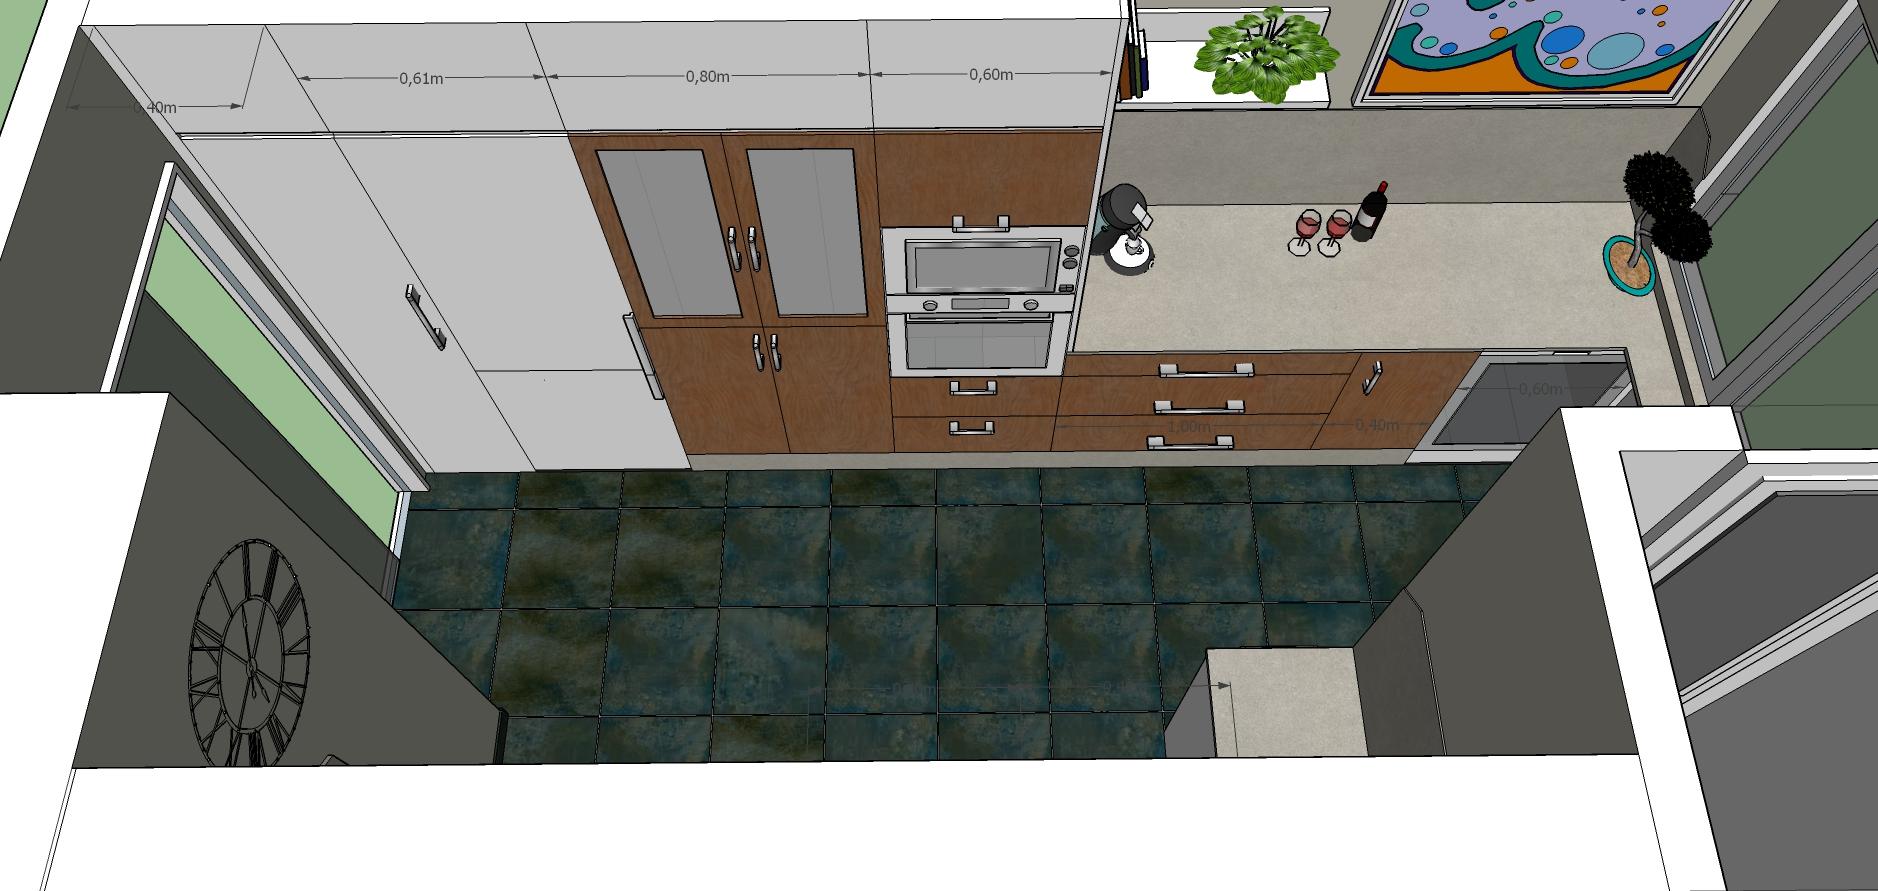 Proyecto 3D-Reforma integral-reforma-coruña-cambio bañera por plato de ducha-contratista-empresa-de-reformas-renueve su casa-reforma baño-reforma cocina-cocinas express_11